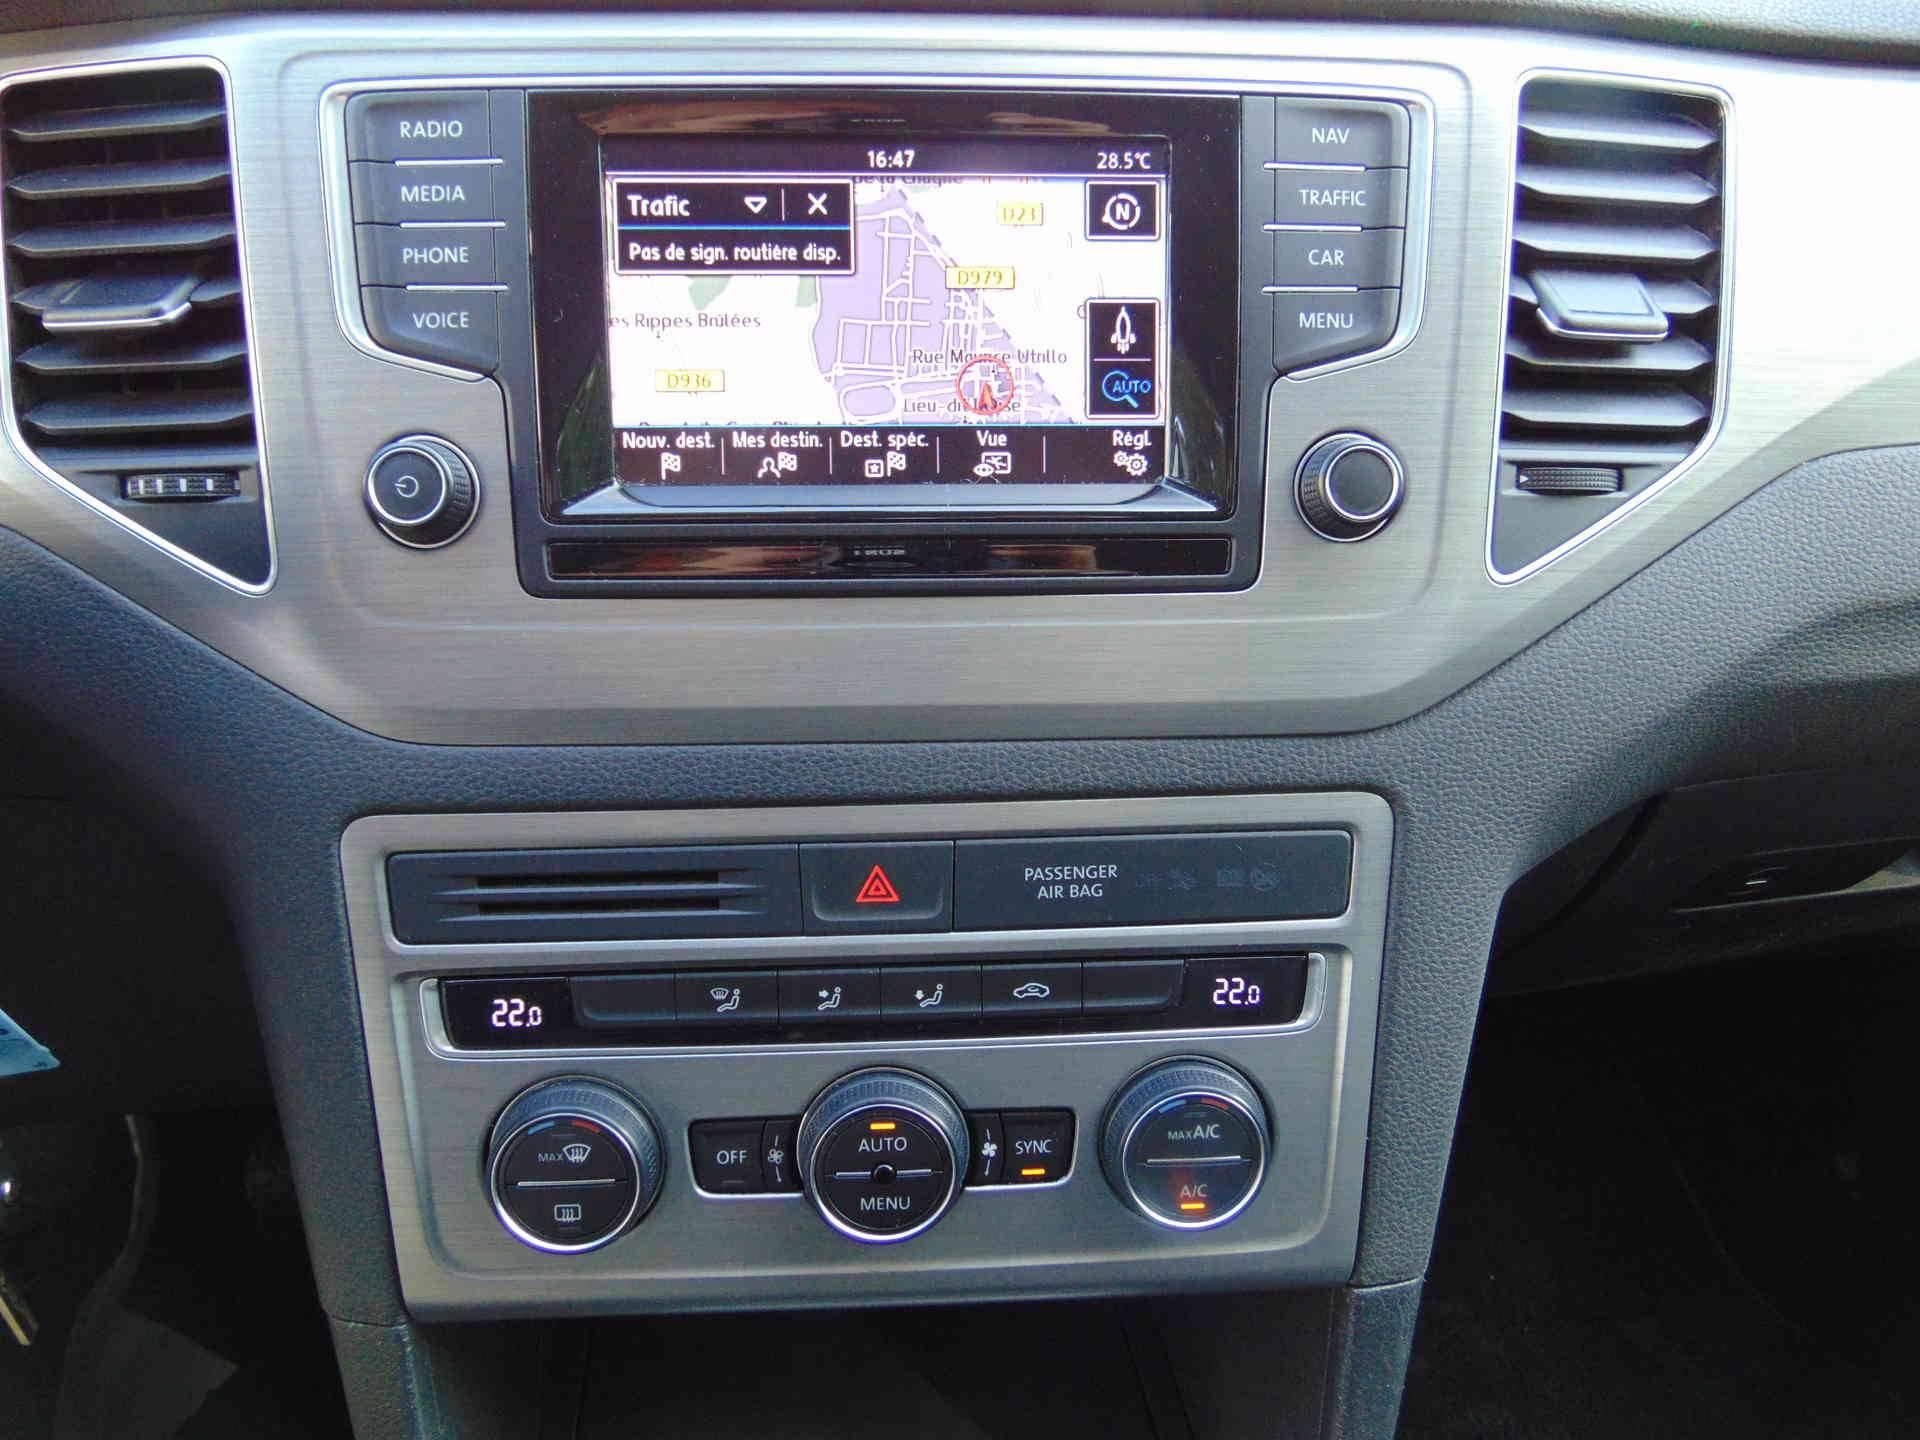 11 - Golf Sportsvan 2.0 TDI 150 FAP BMT